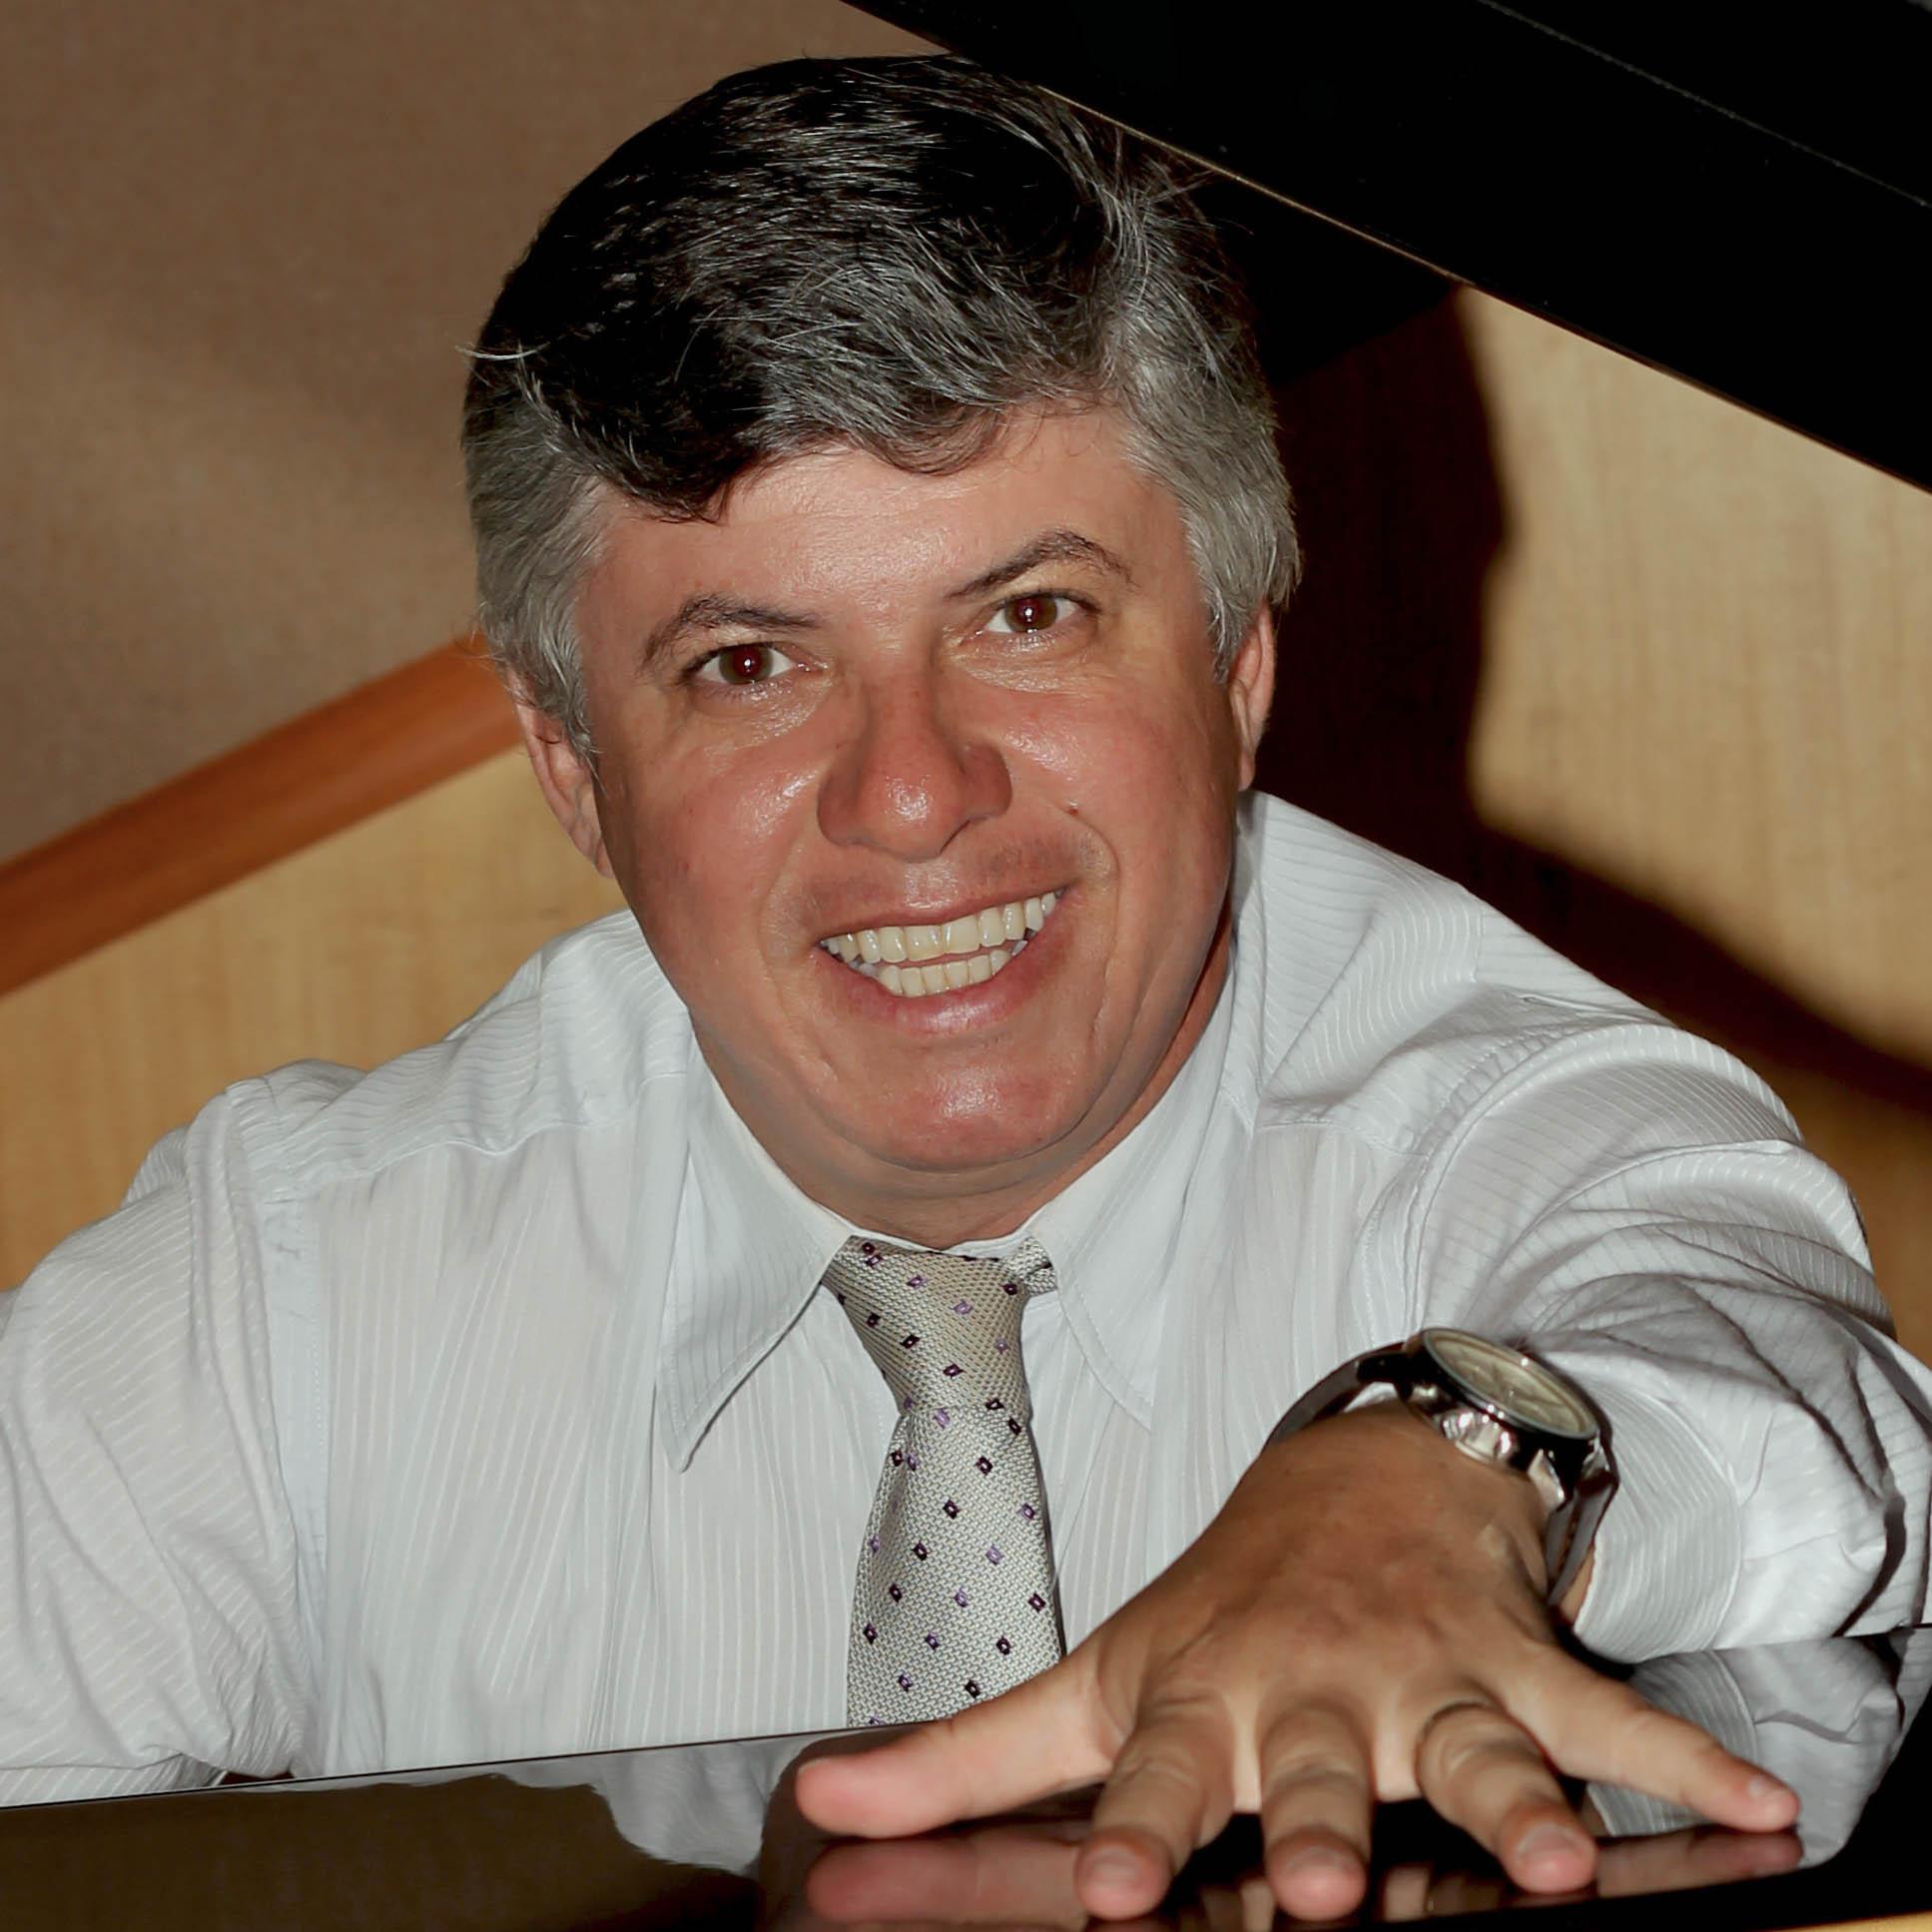 Maestro Edison Ferreira